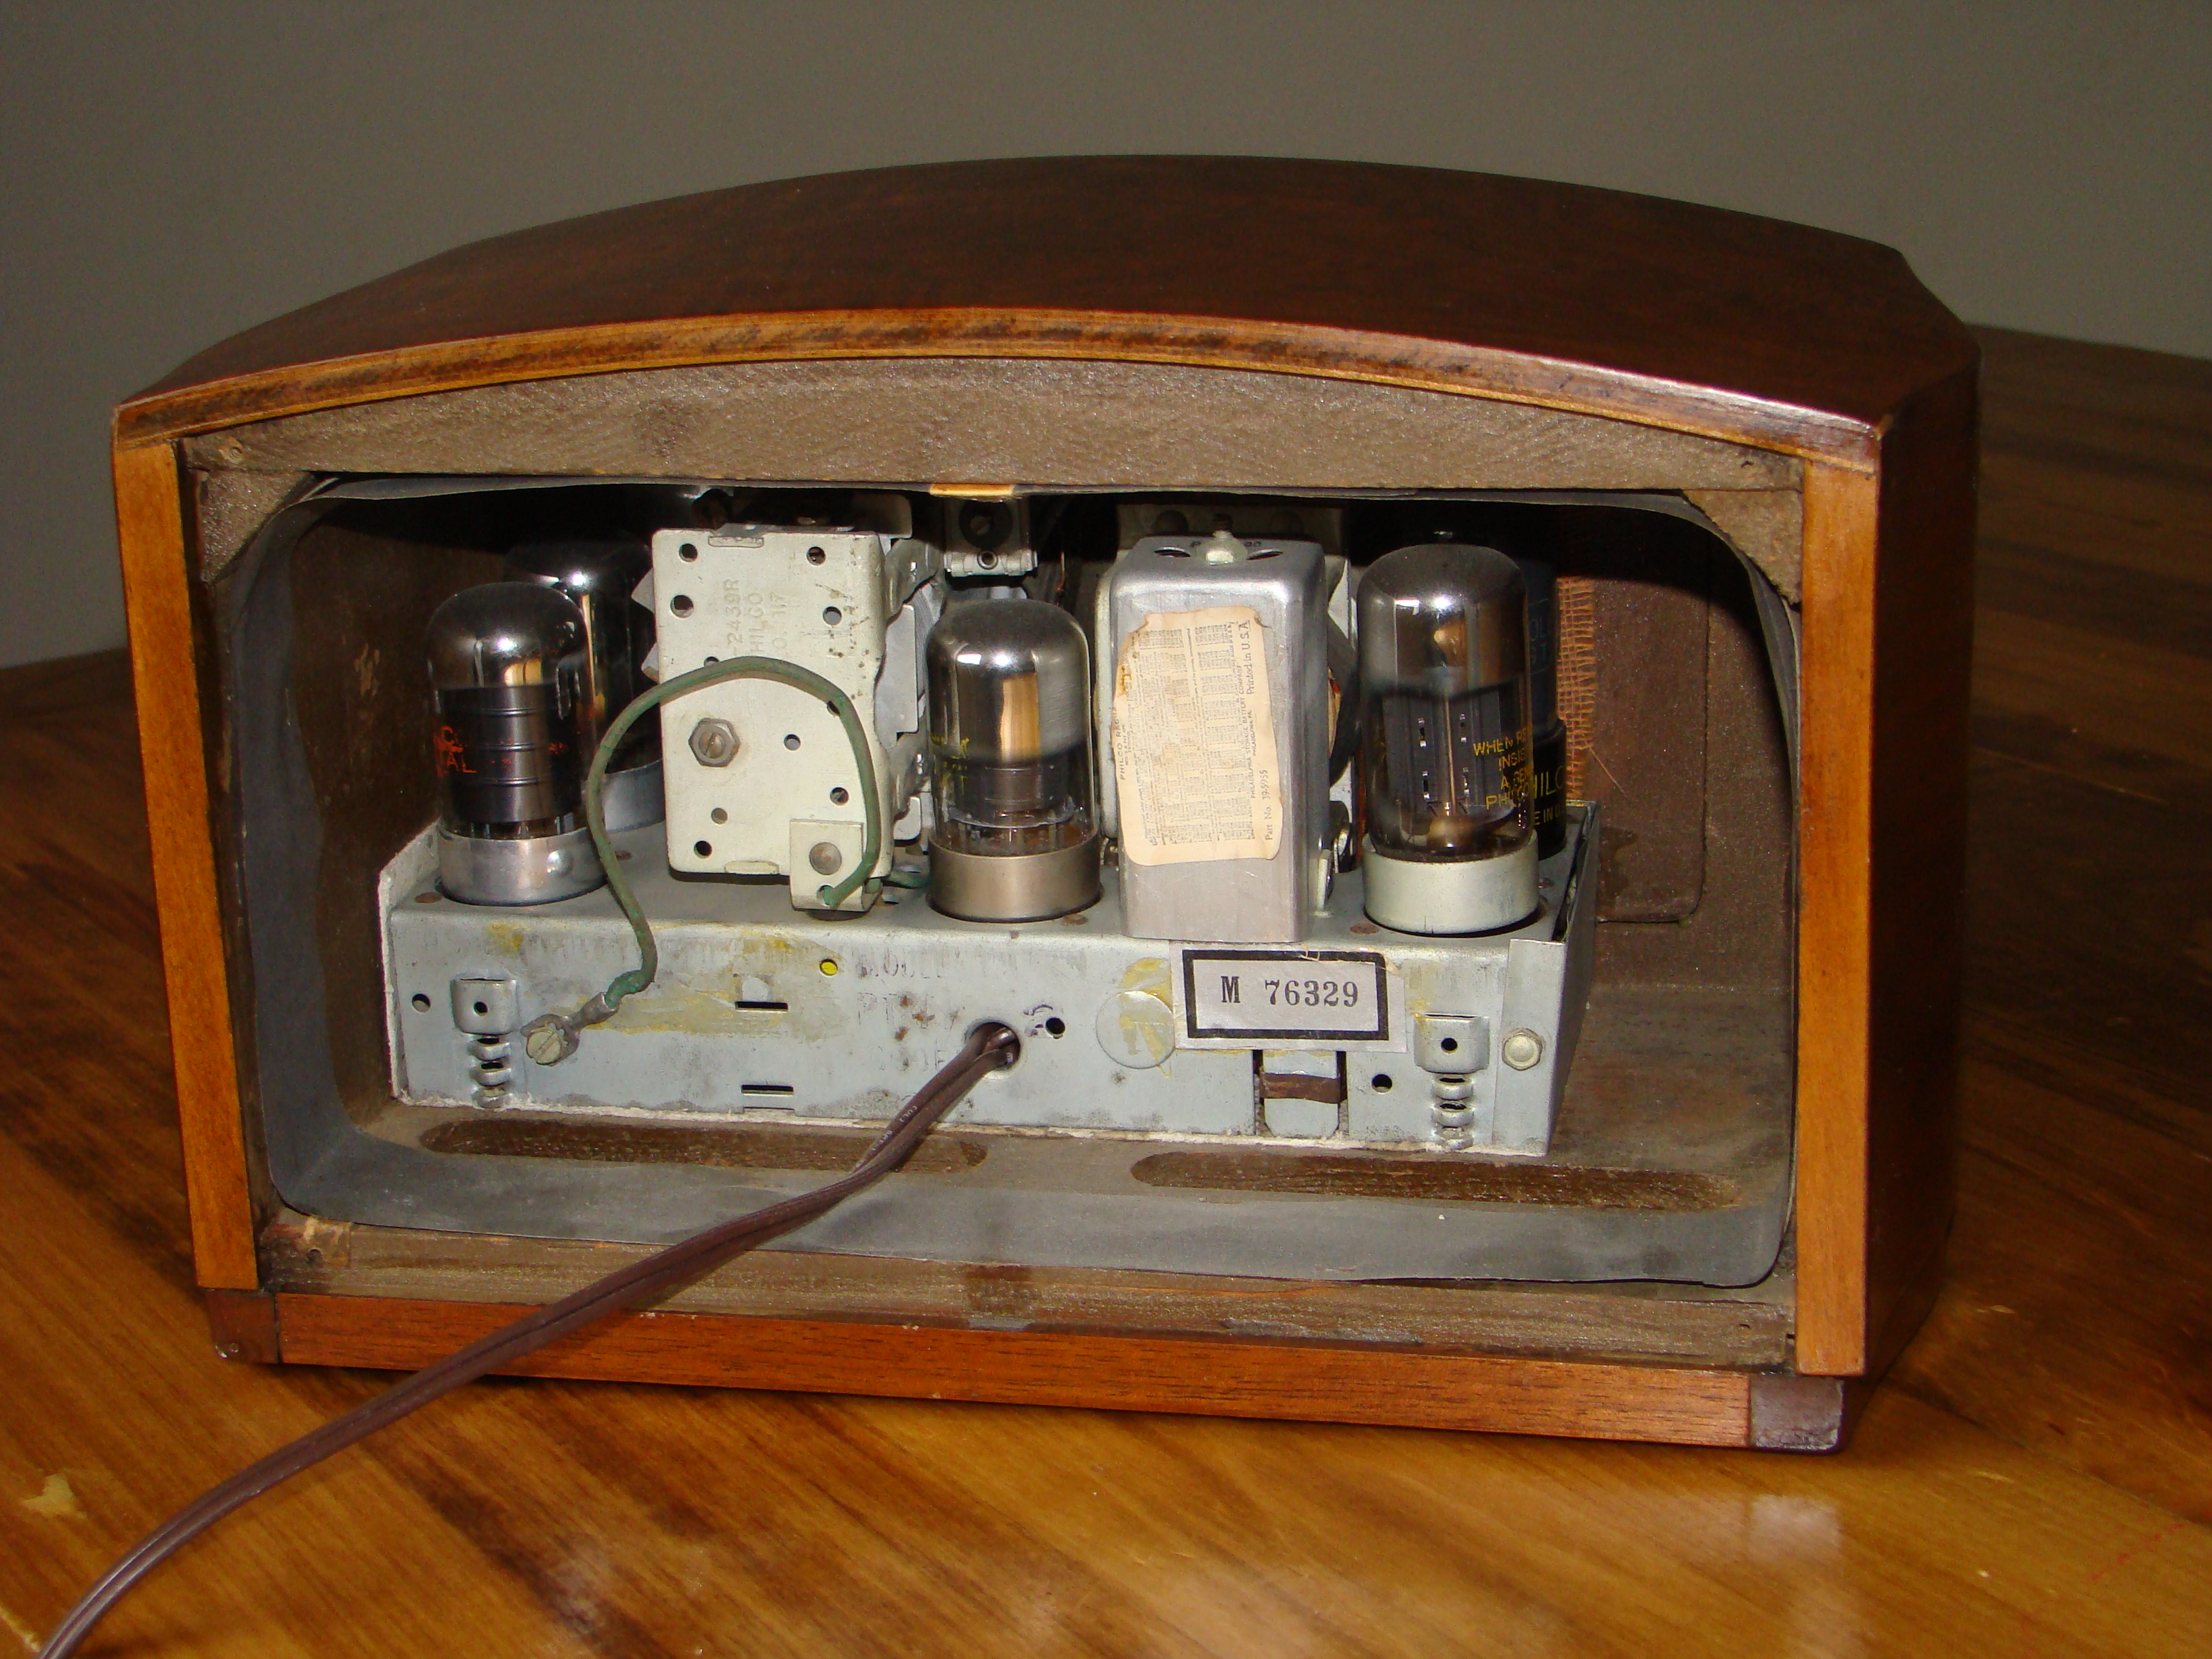 File:Philco radio model PT44 back cover removed.jpg